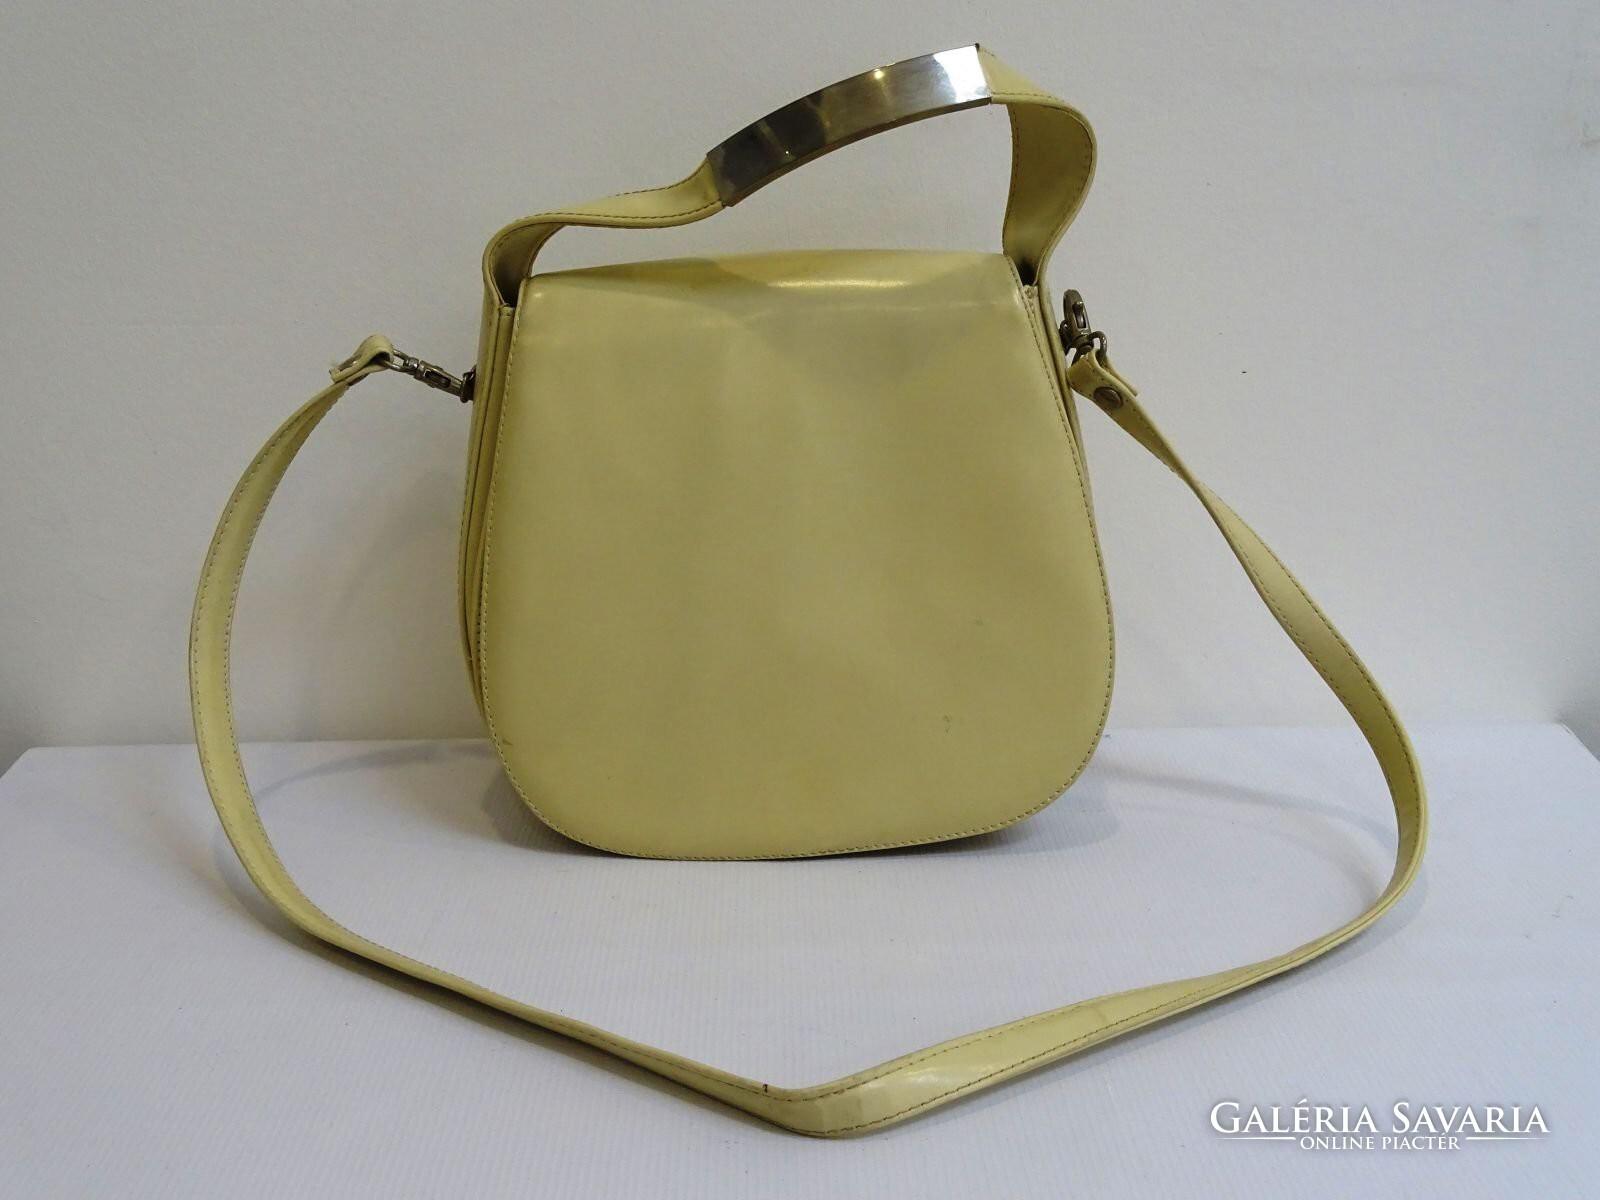 0H453 Retro vajszínű műbőr női táska válltáska - Wardrobe  90470f5e4b